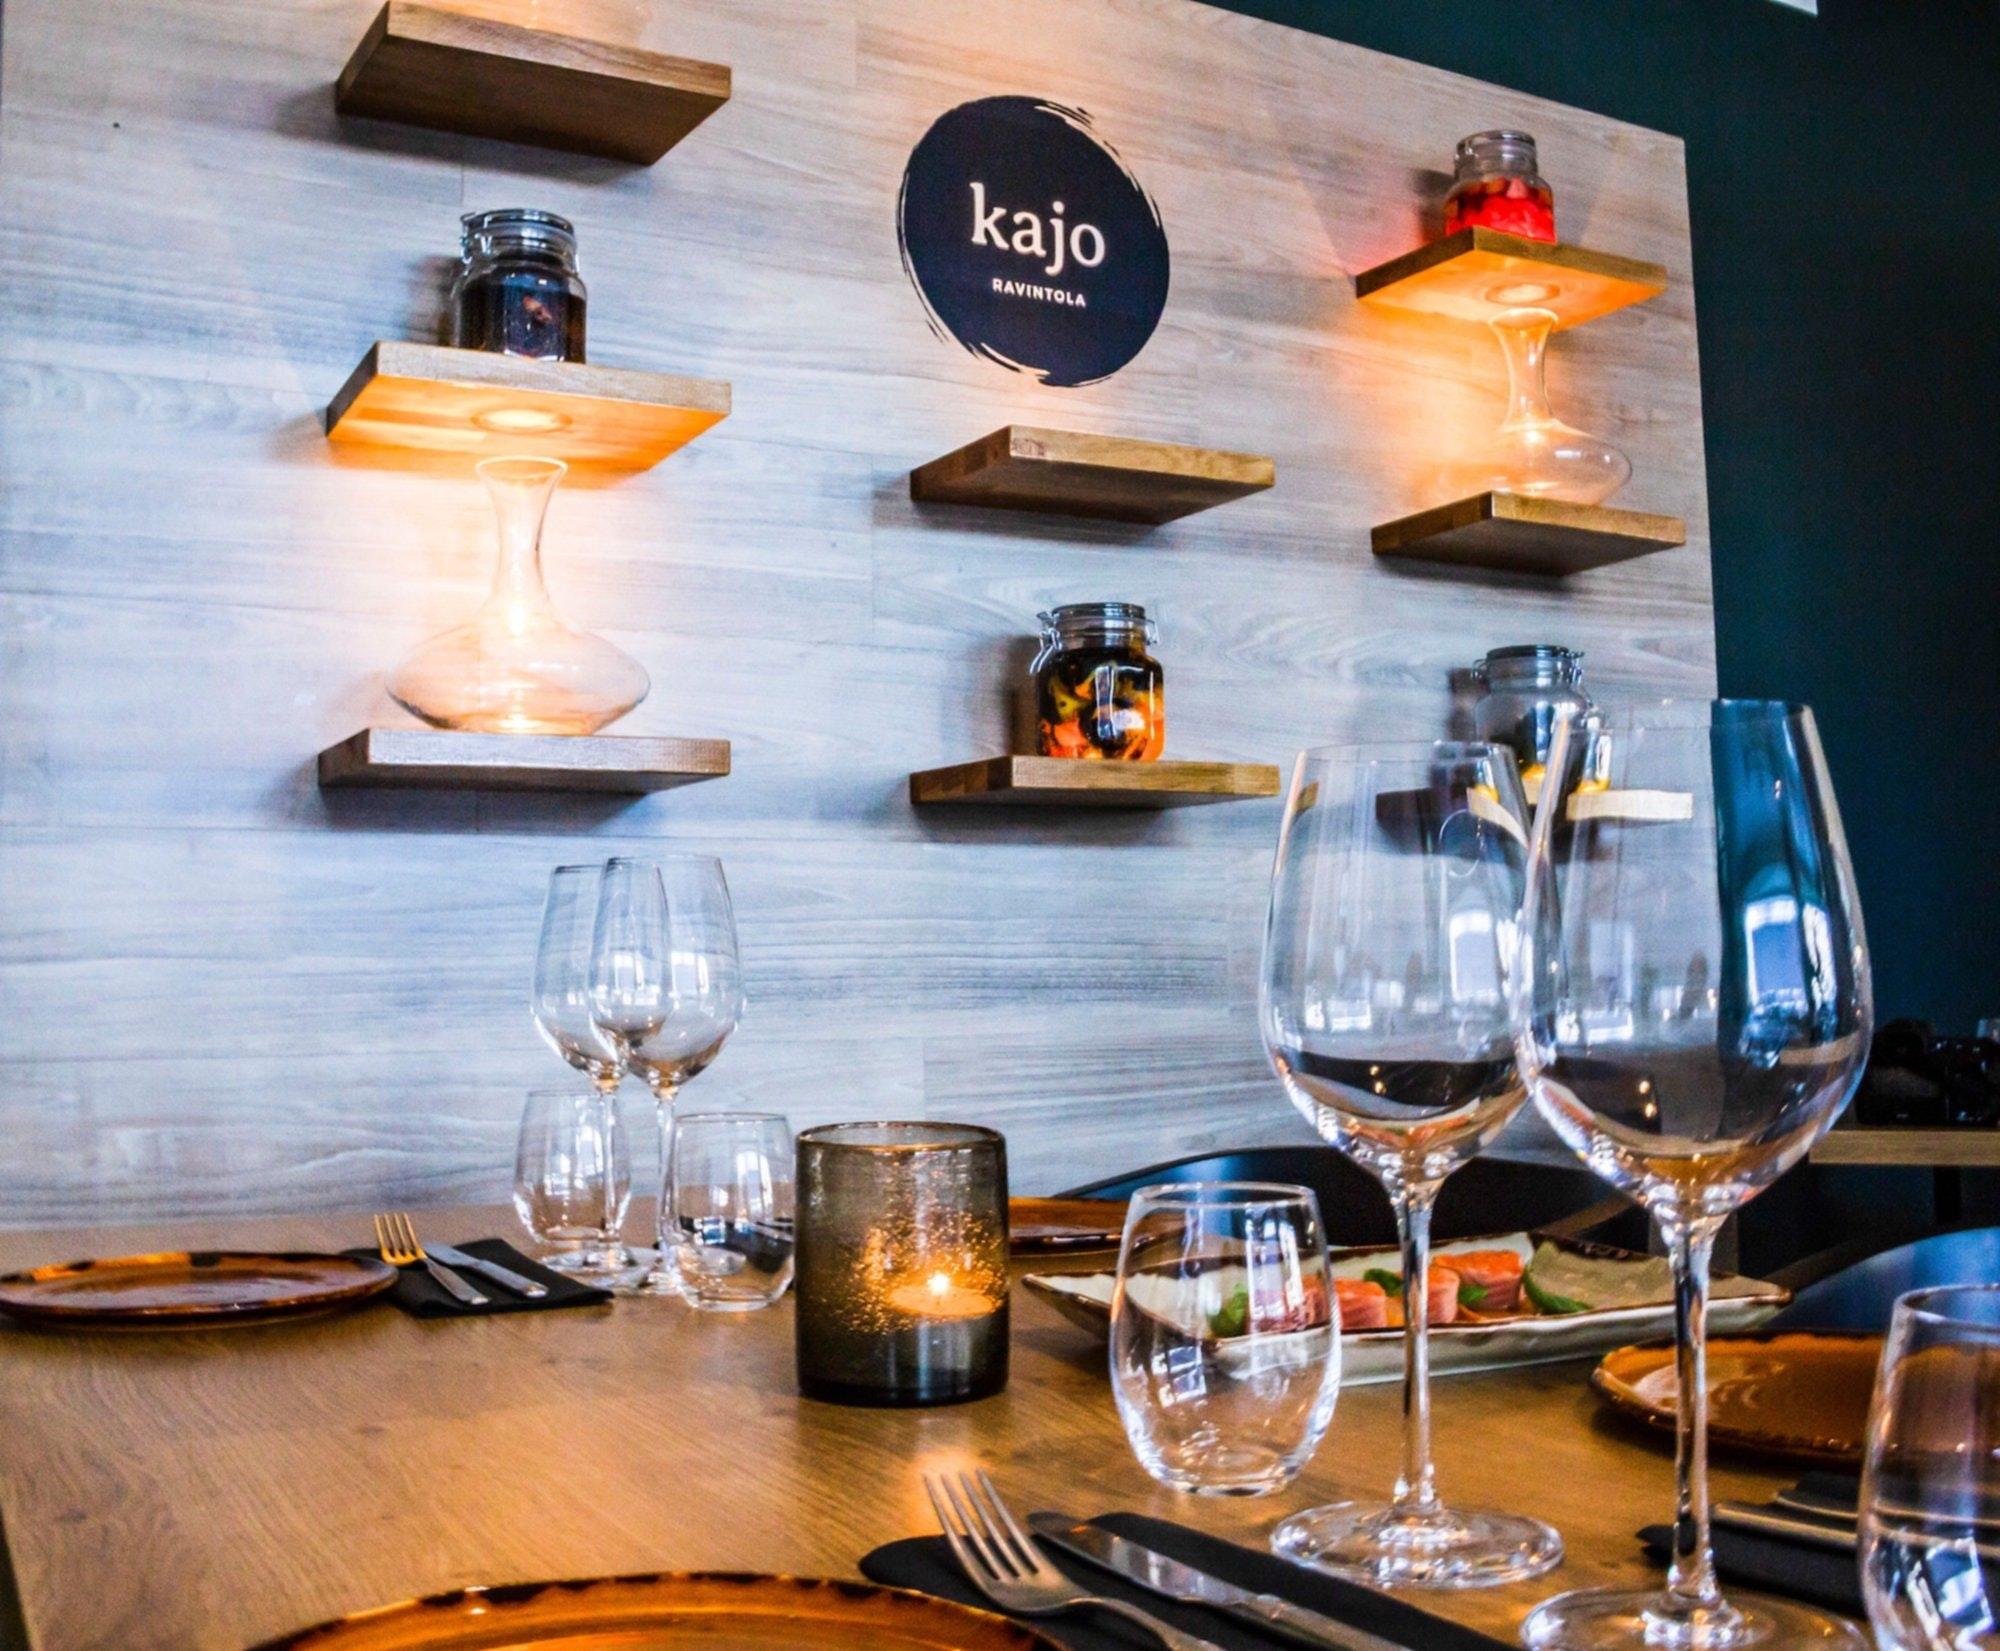 Ravintola Kajo